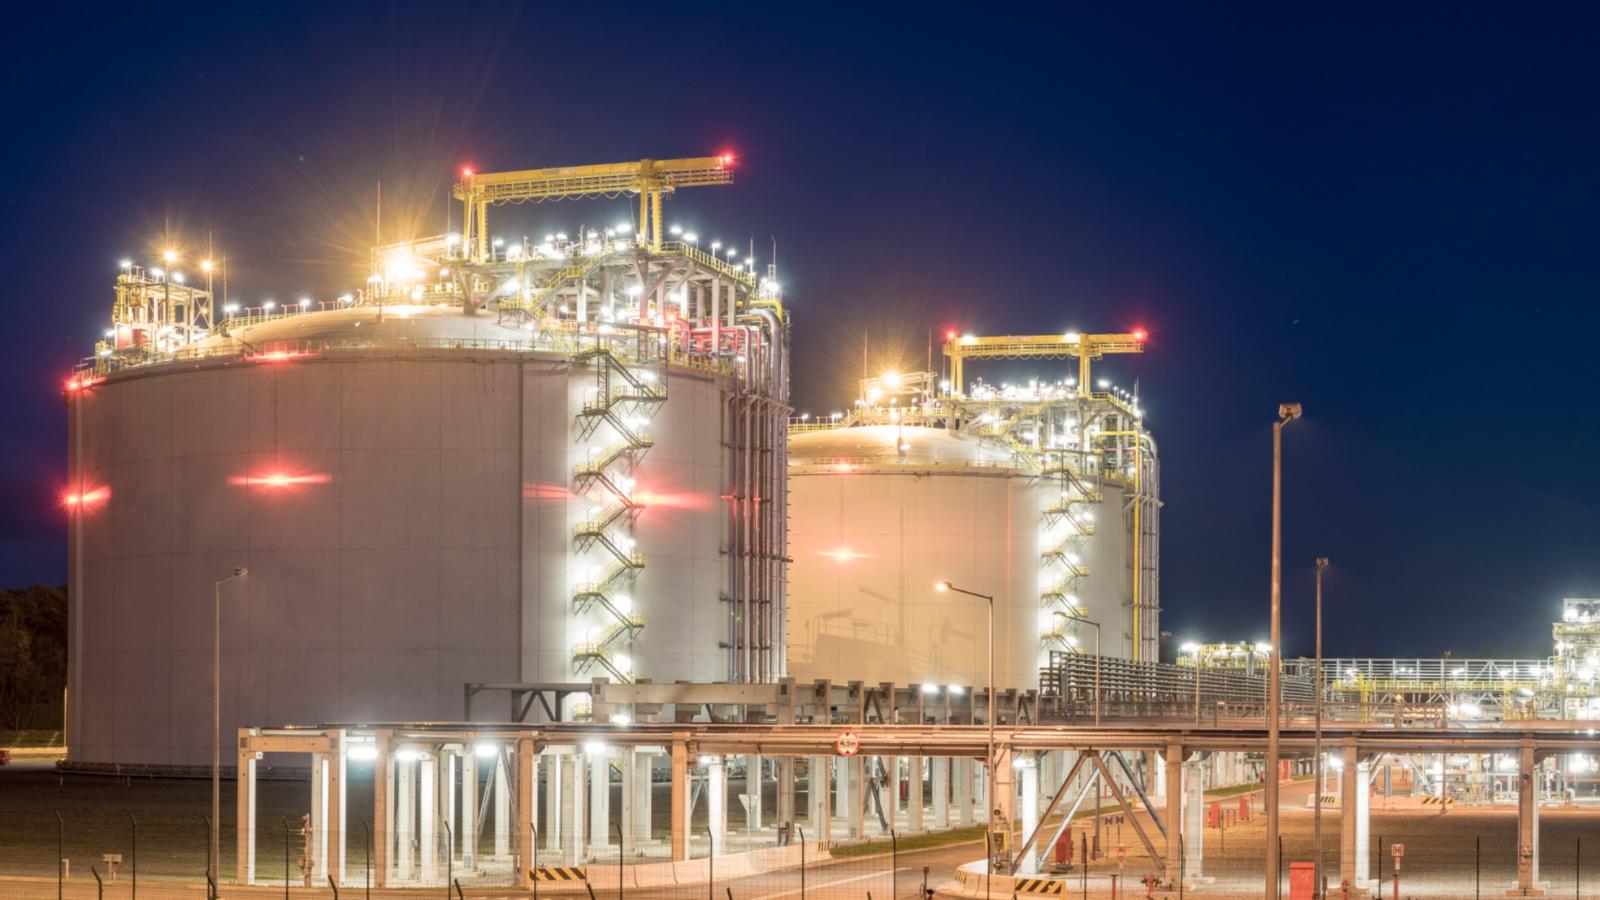 无油空压机租赁LNG行业案例分享